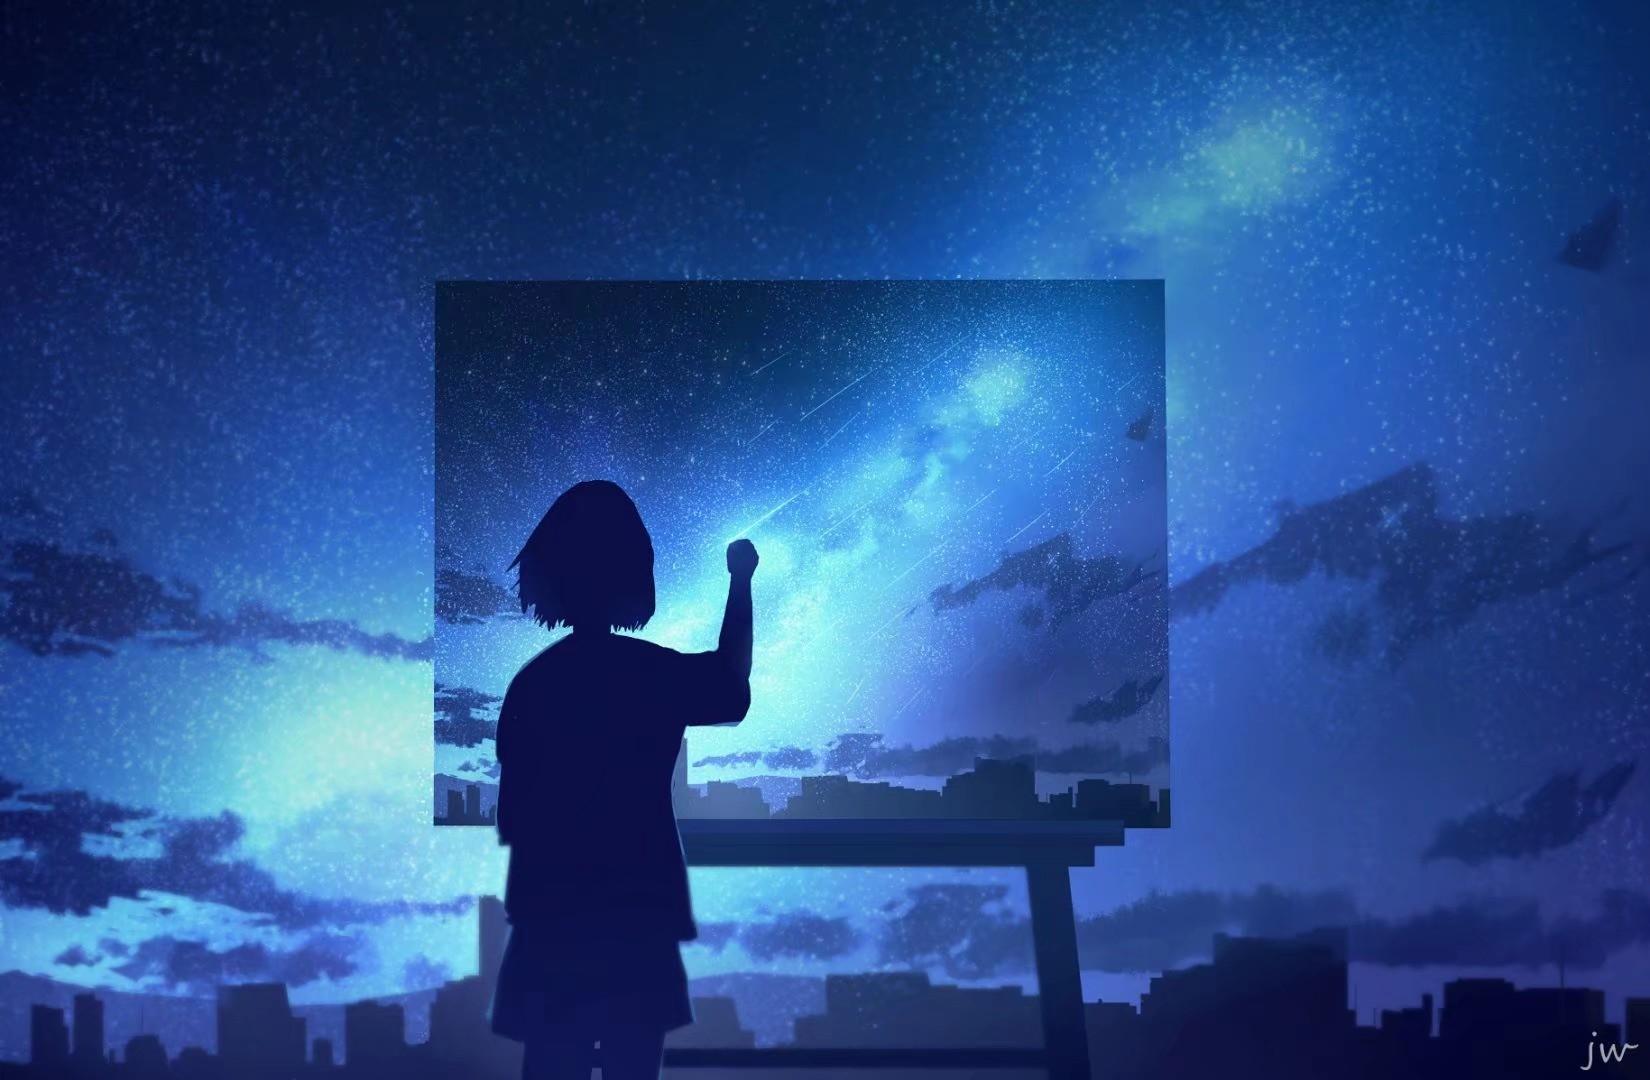 Фото Девочка рисует город под ночным небом, by JW